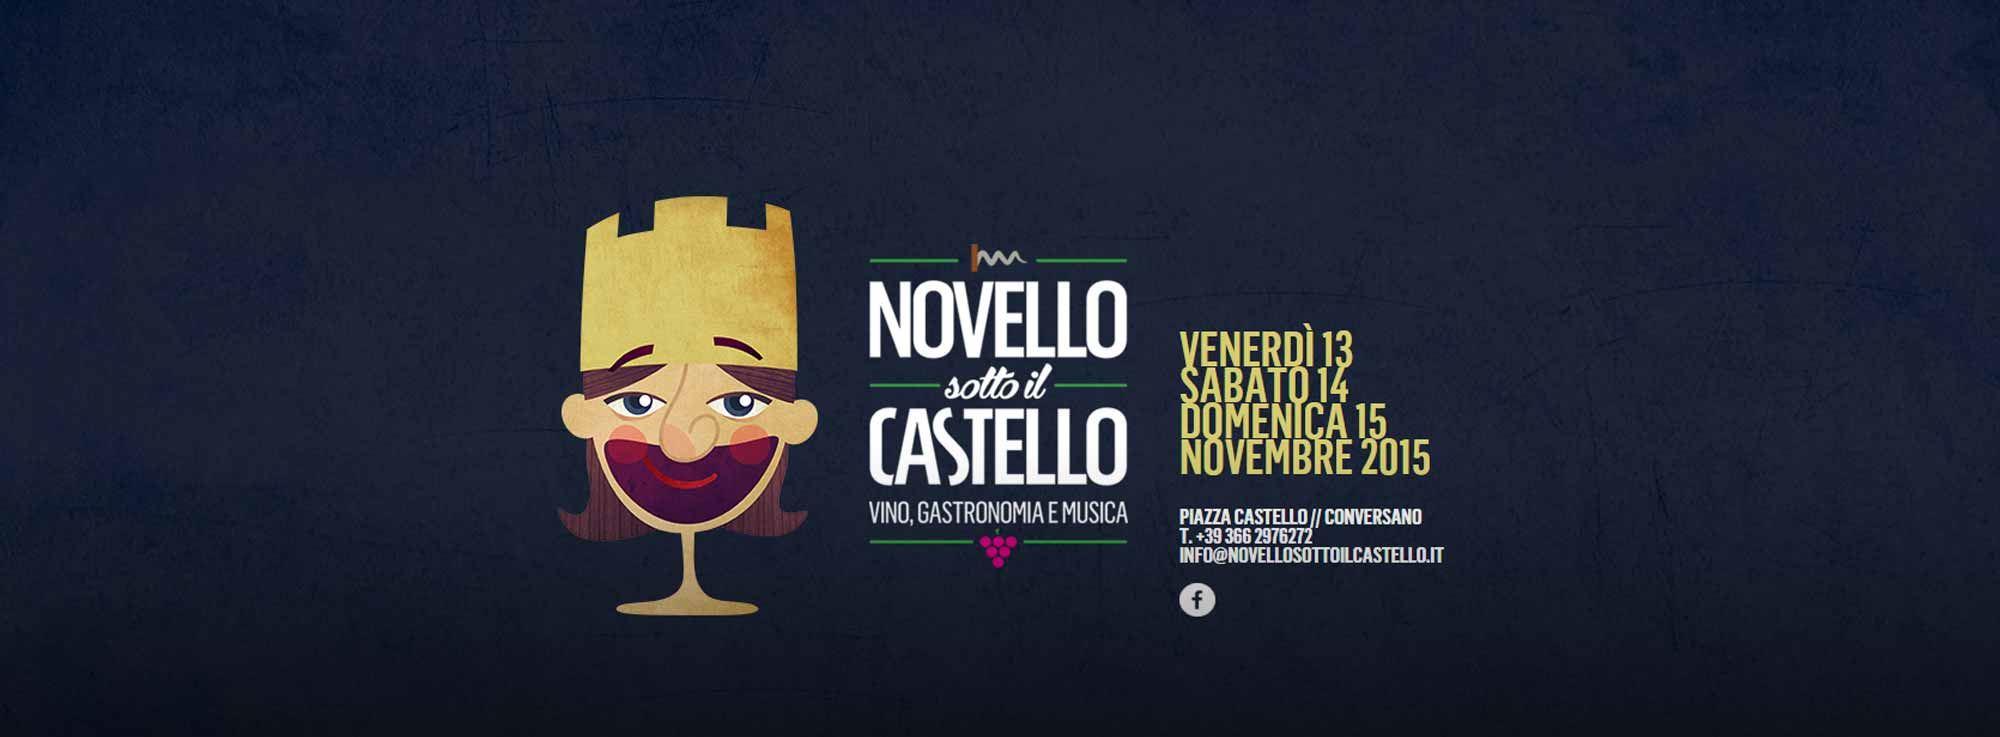 Conversano: Novello sotto il Castello